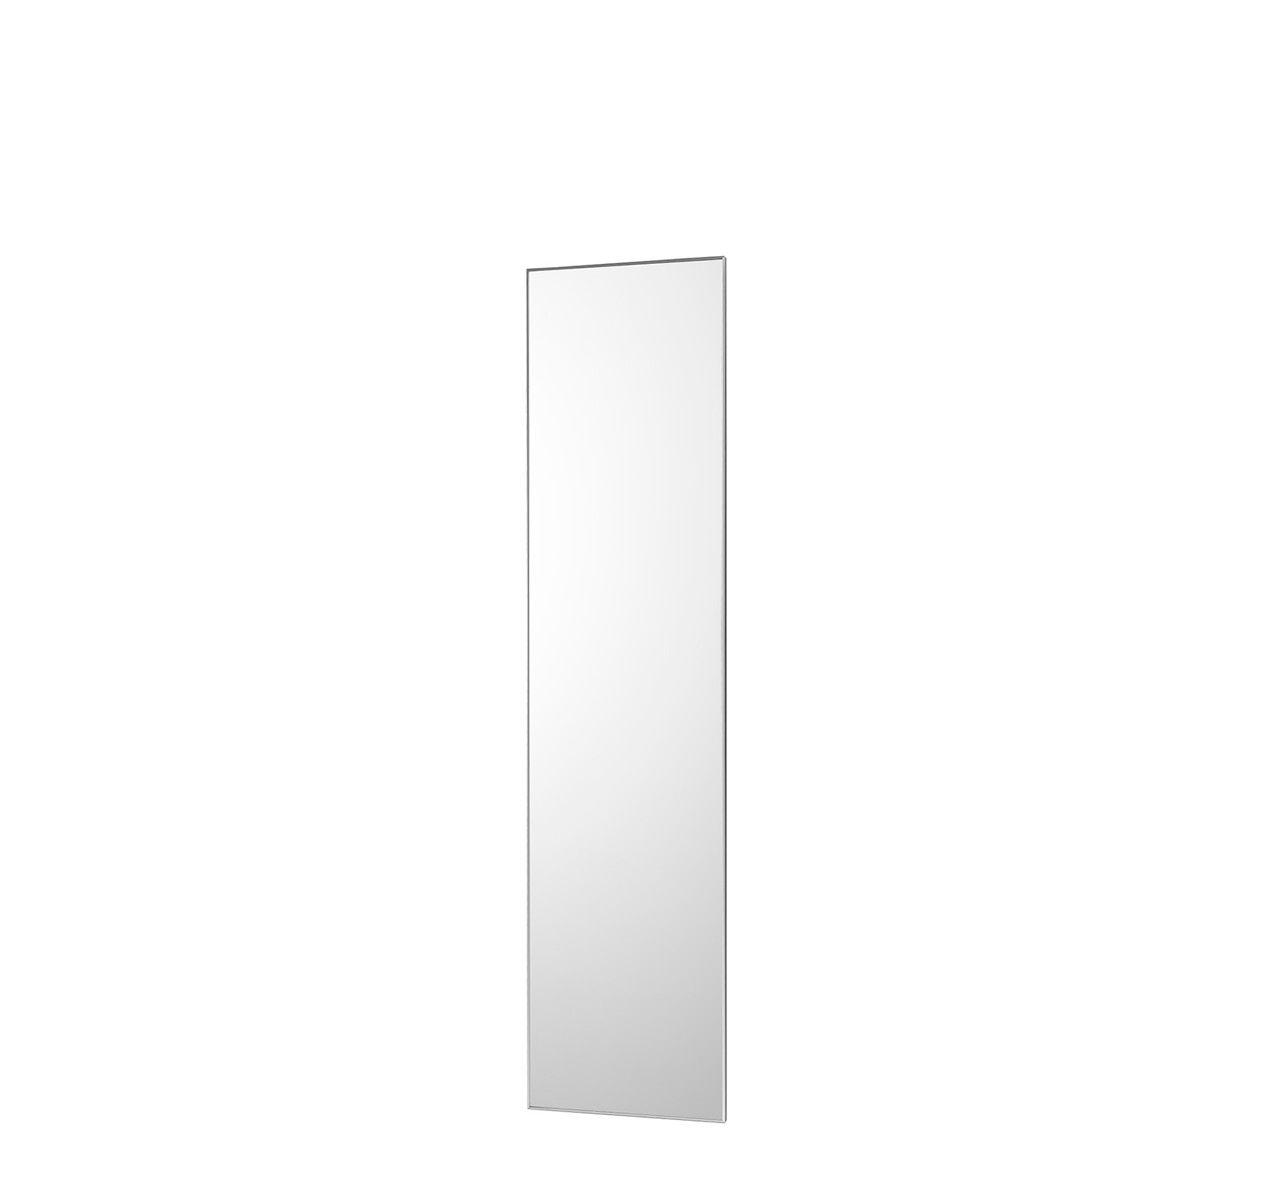 No Frame Rectangular Mirror Brushed Anodized Aluminum, 45x2x190